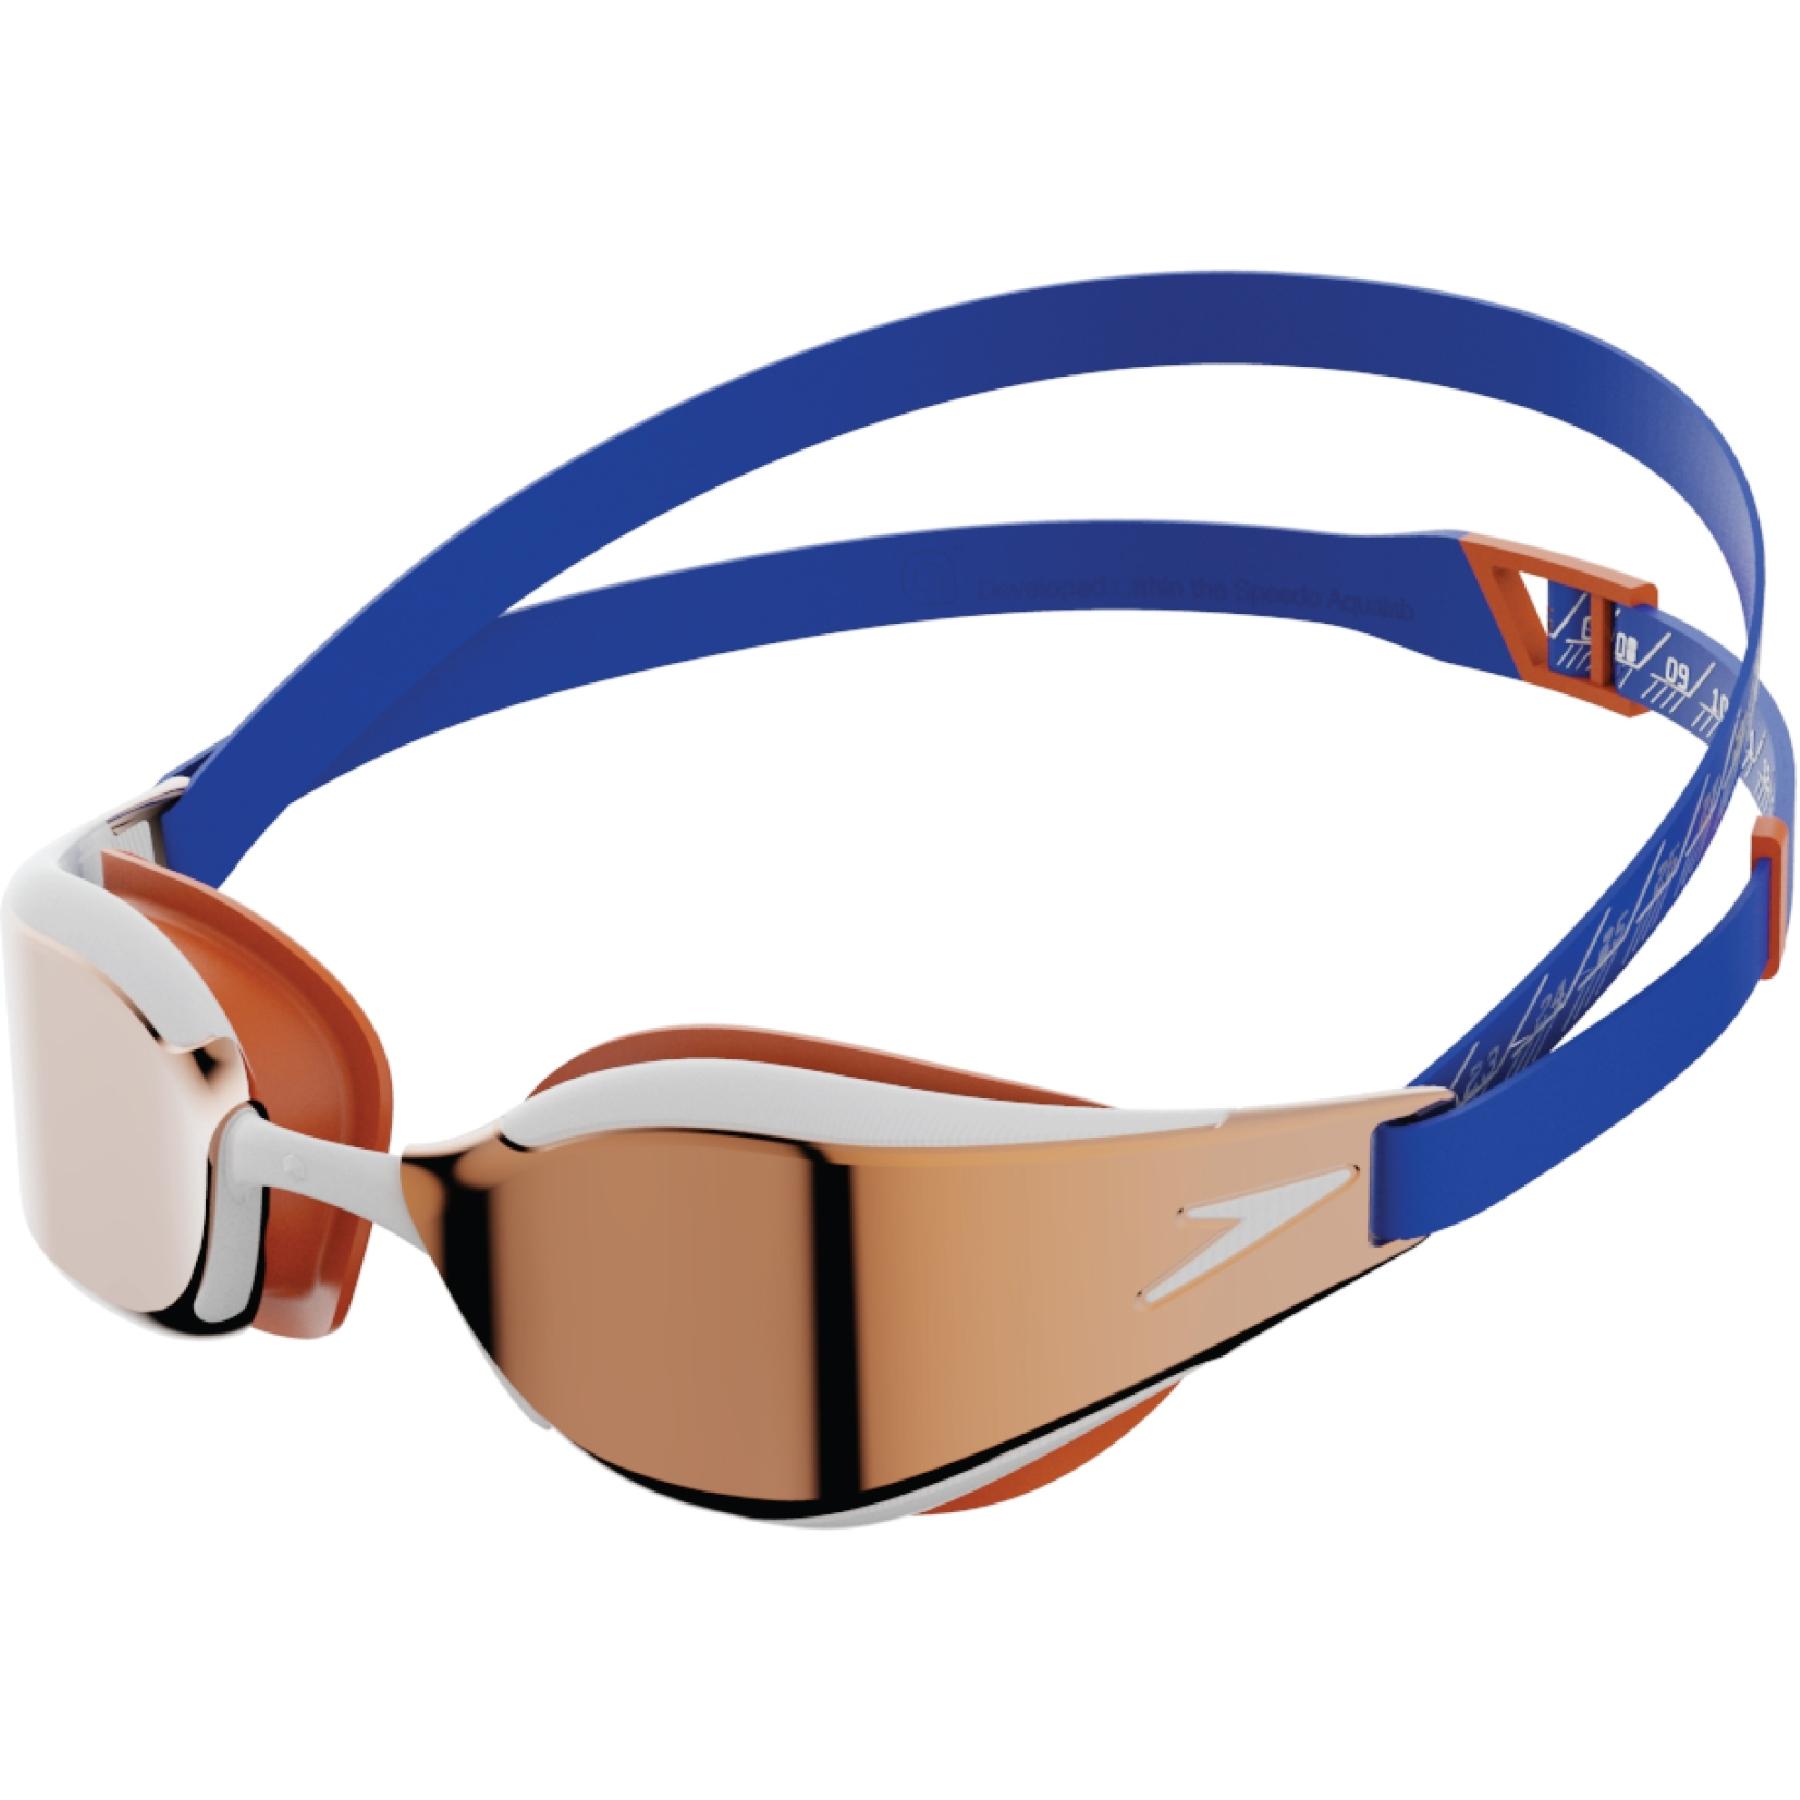 Produktbild von Speedo Fastskin Hyper Elite Mirror Schwimmbrille - blue flame/dragon fire/rosegold